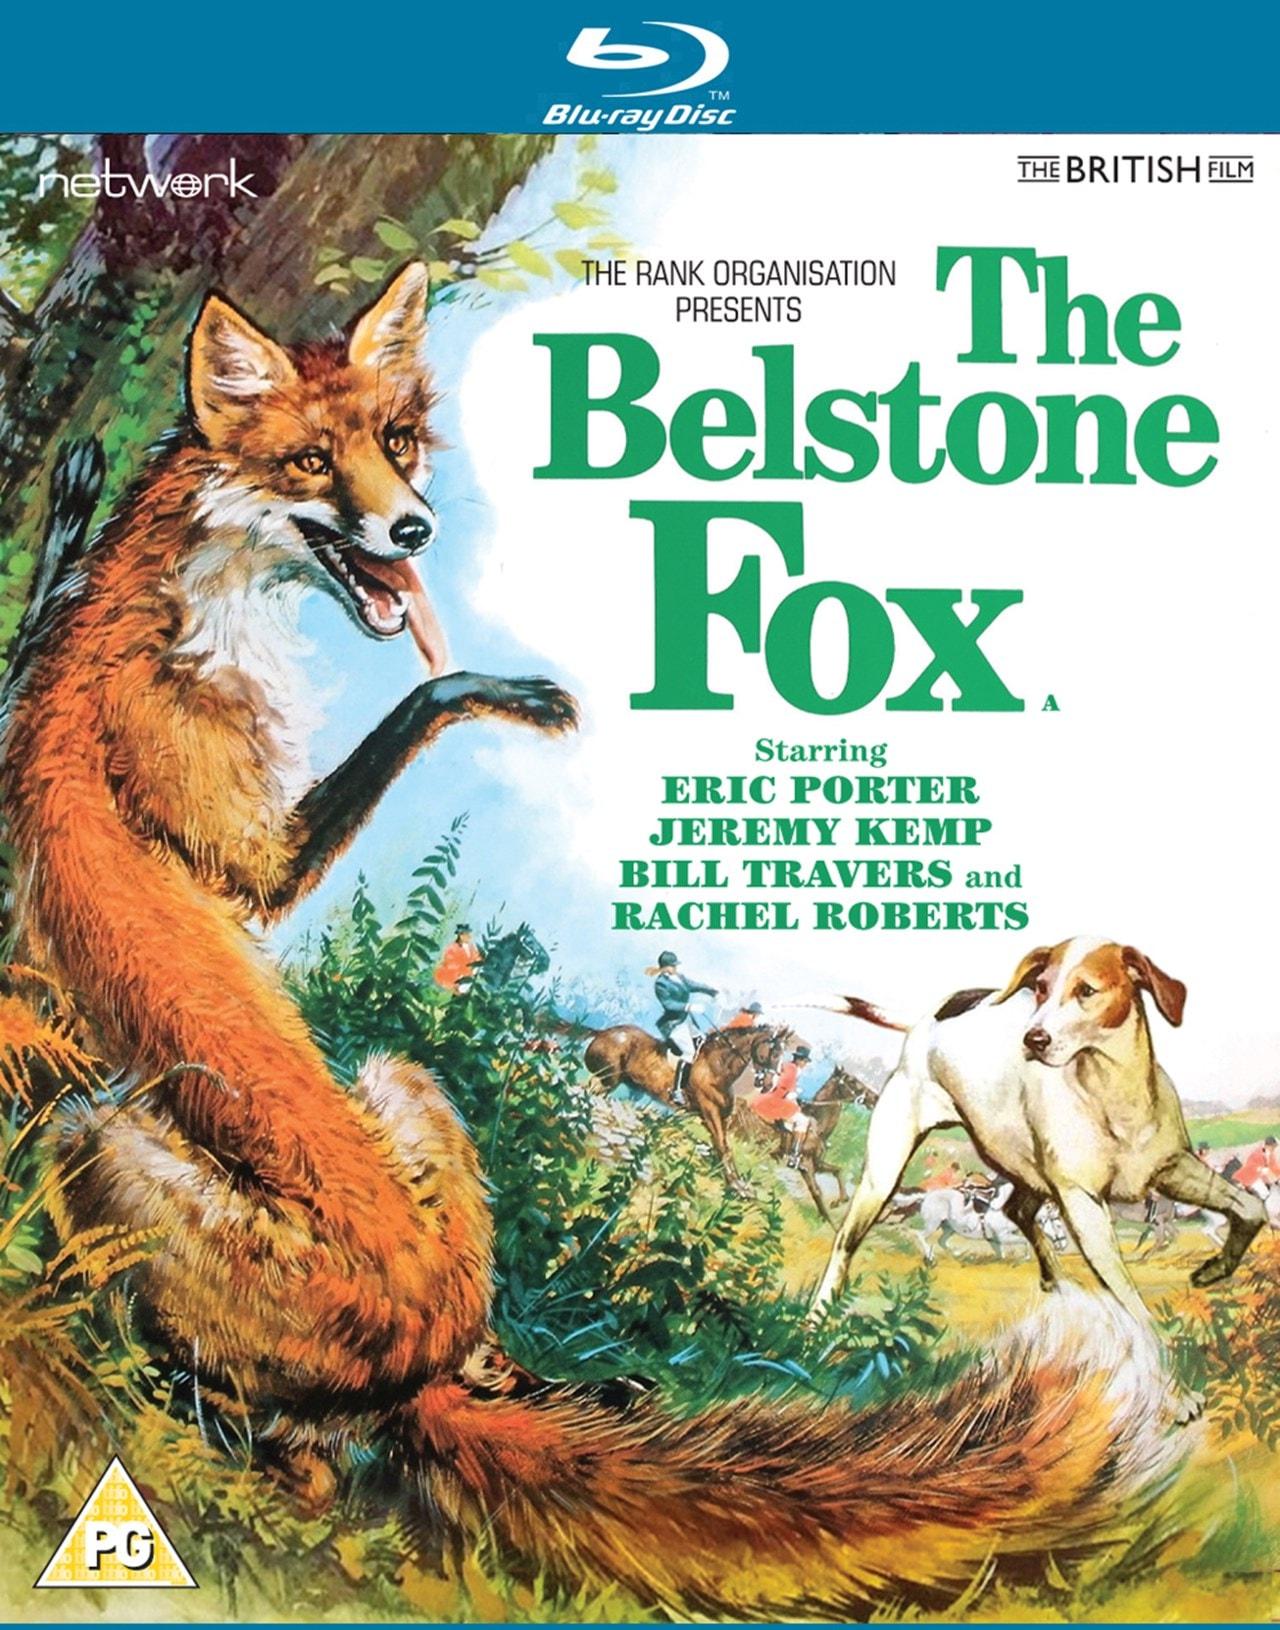 The Belstone Fox - 1